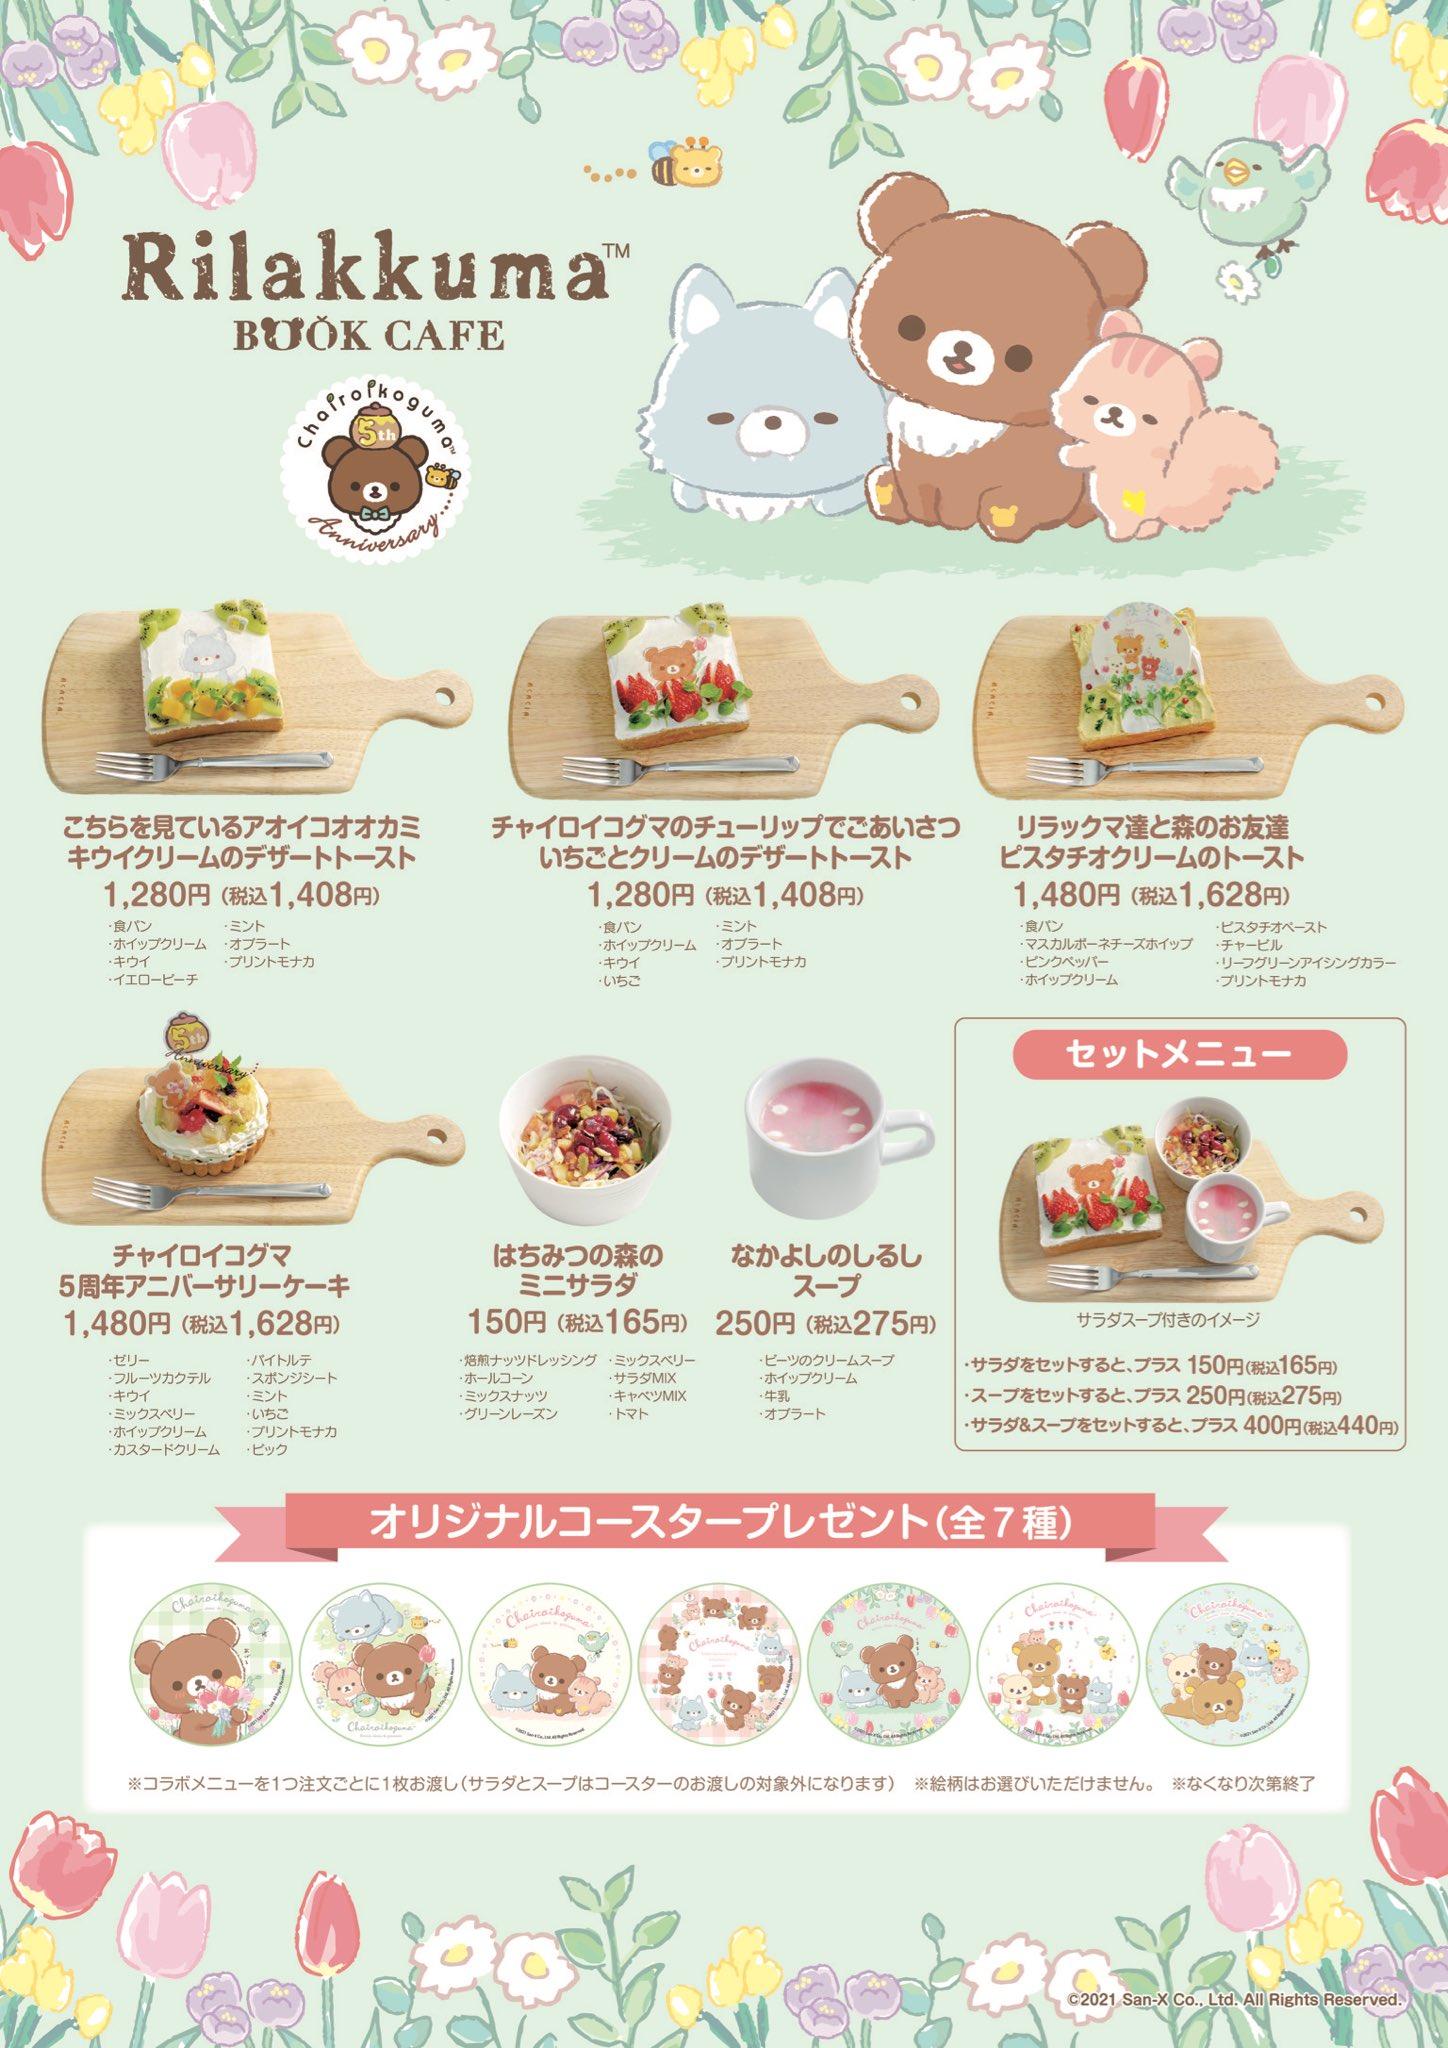 「Rilakkuma BOOK CAFE」フードメニュー